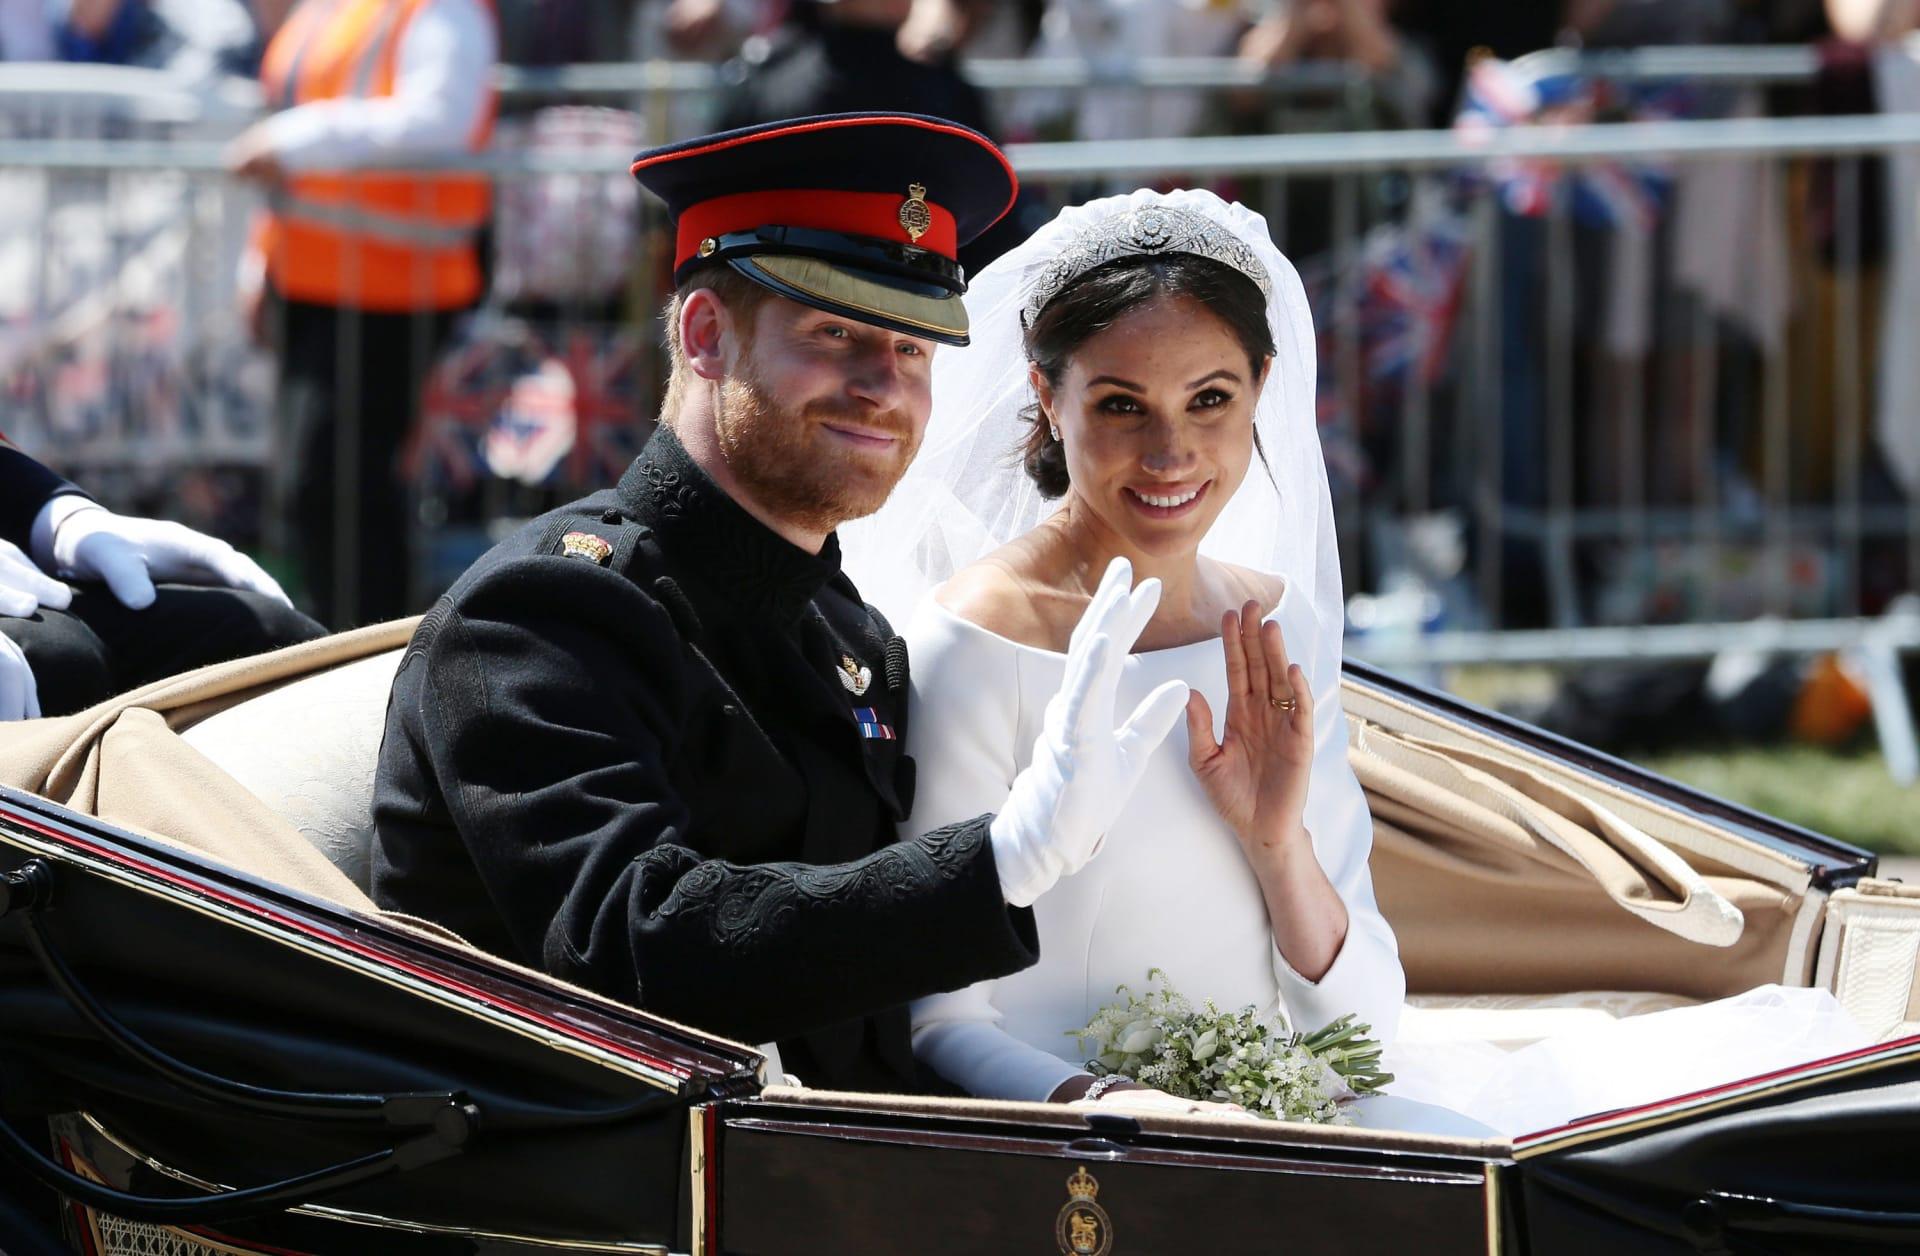 صور غير مرئية من وراء الكواليس لحفل زفاف الأمير هاري وميغان ماركل